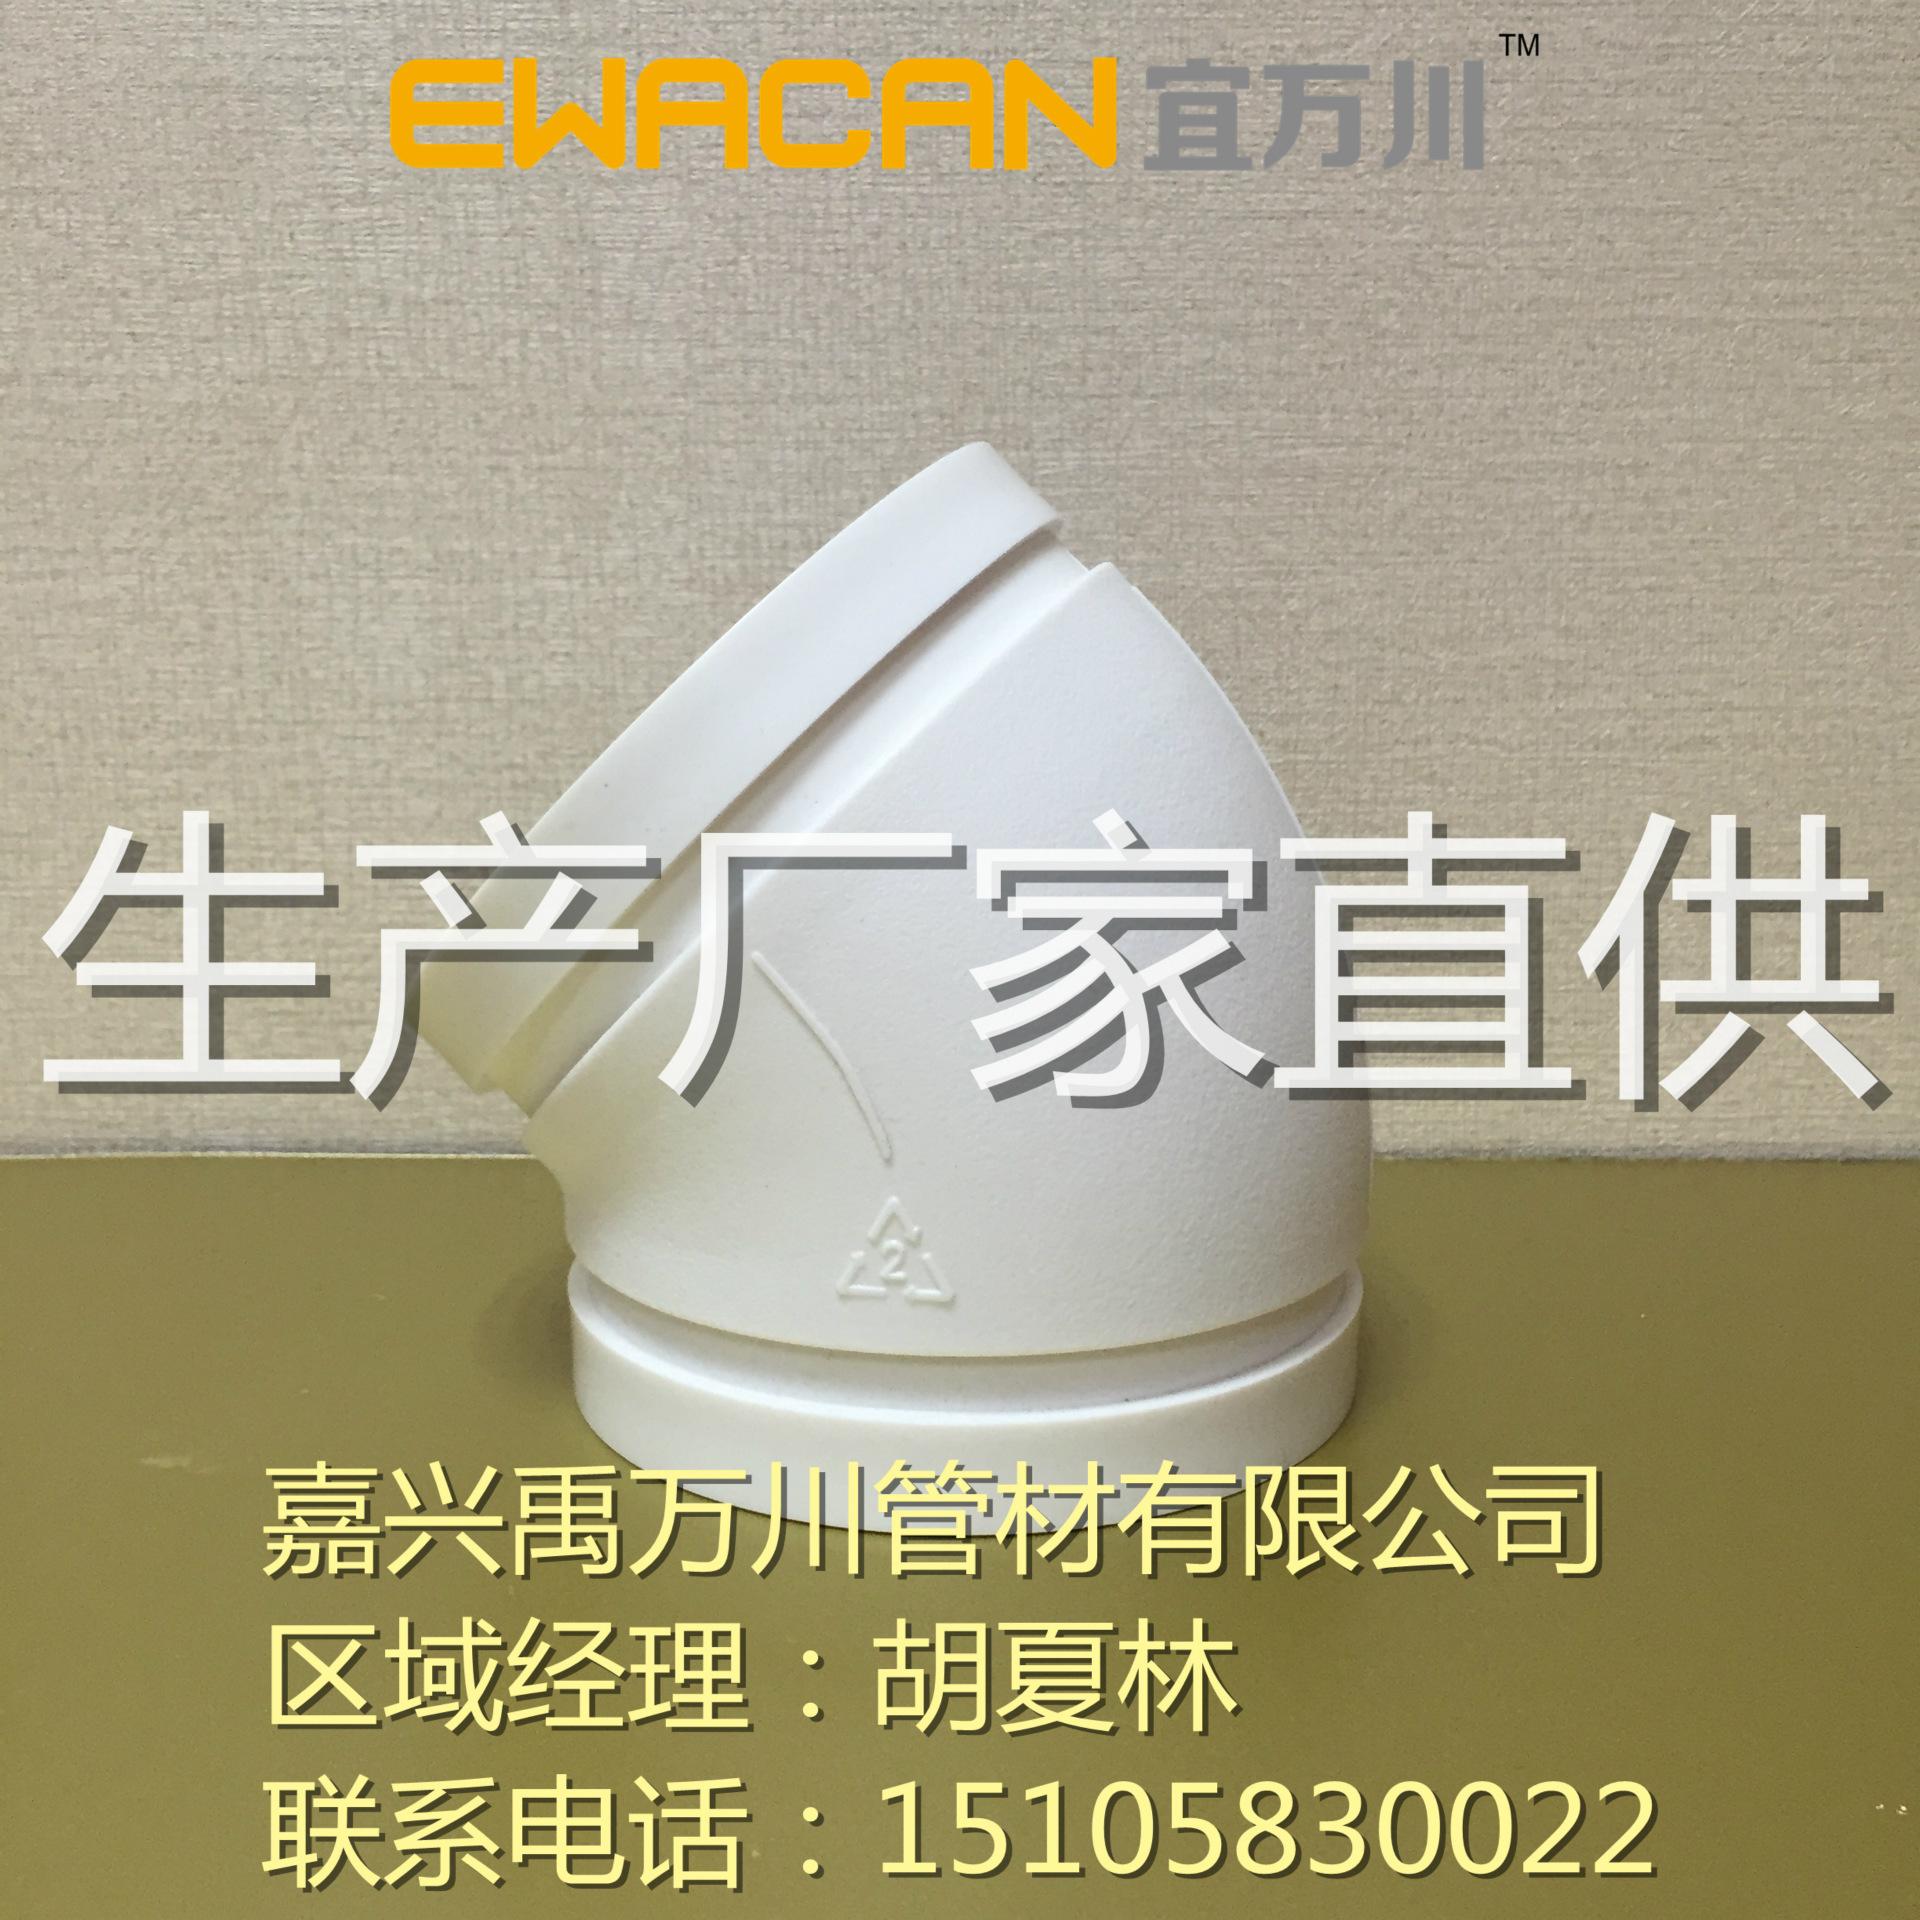 贵阳沟槽式HDPE超静音排水管,45度弯头,HDPE沟槽静音排水管,PE示例图1